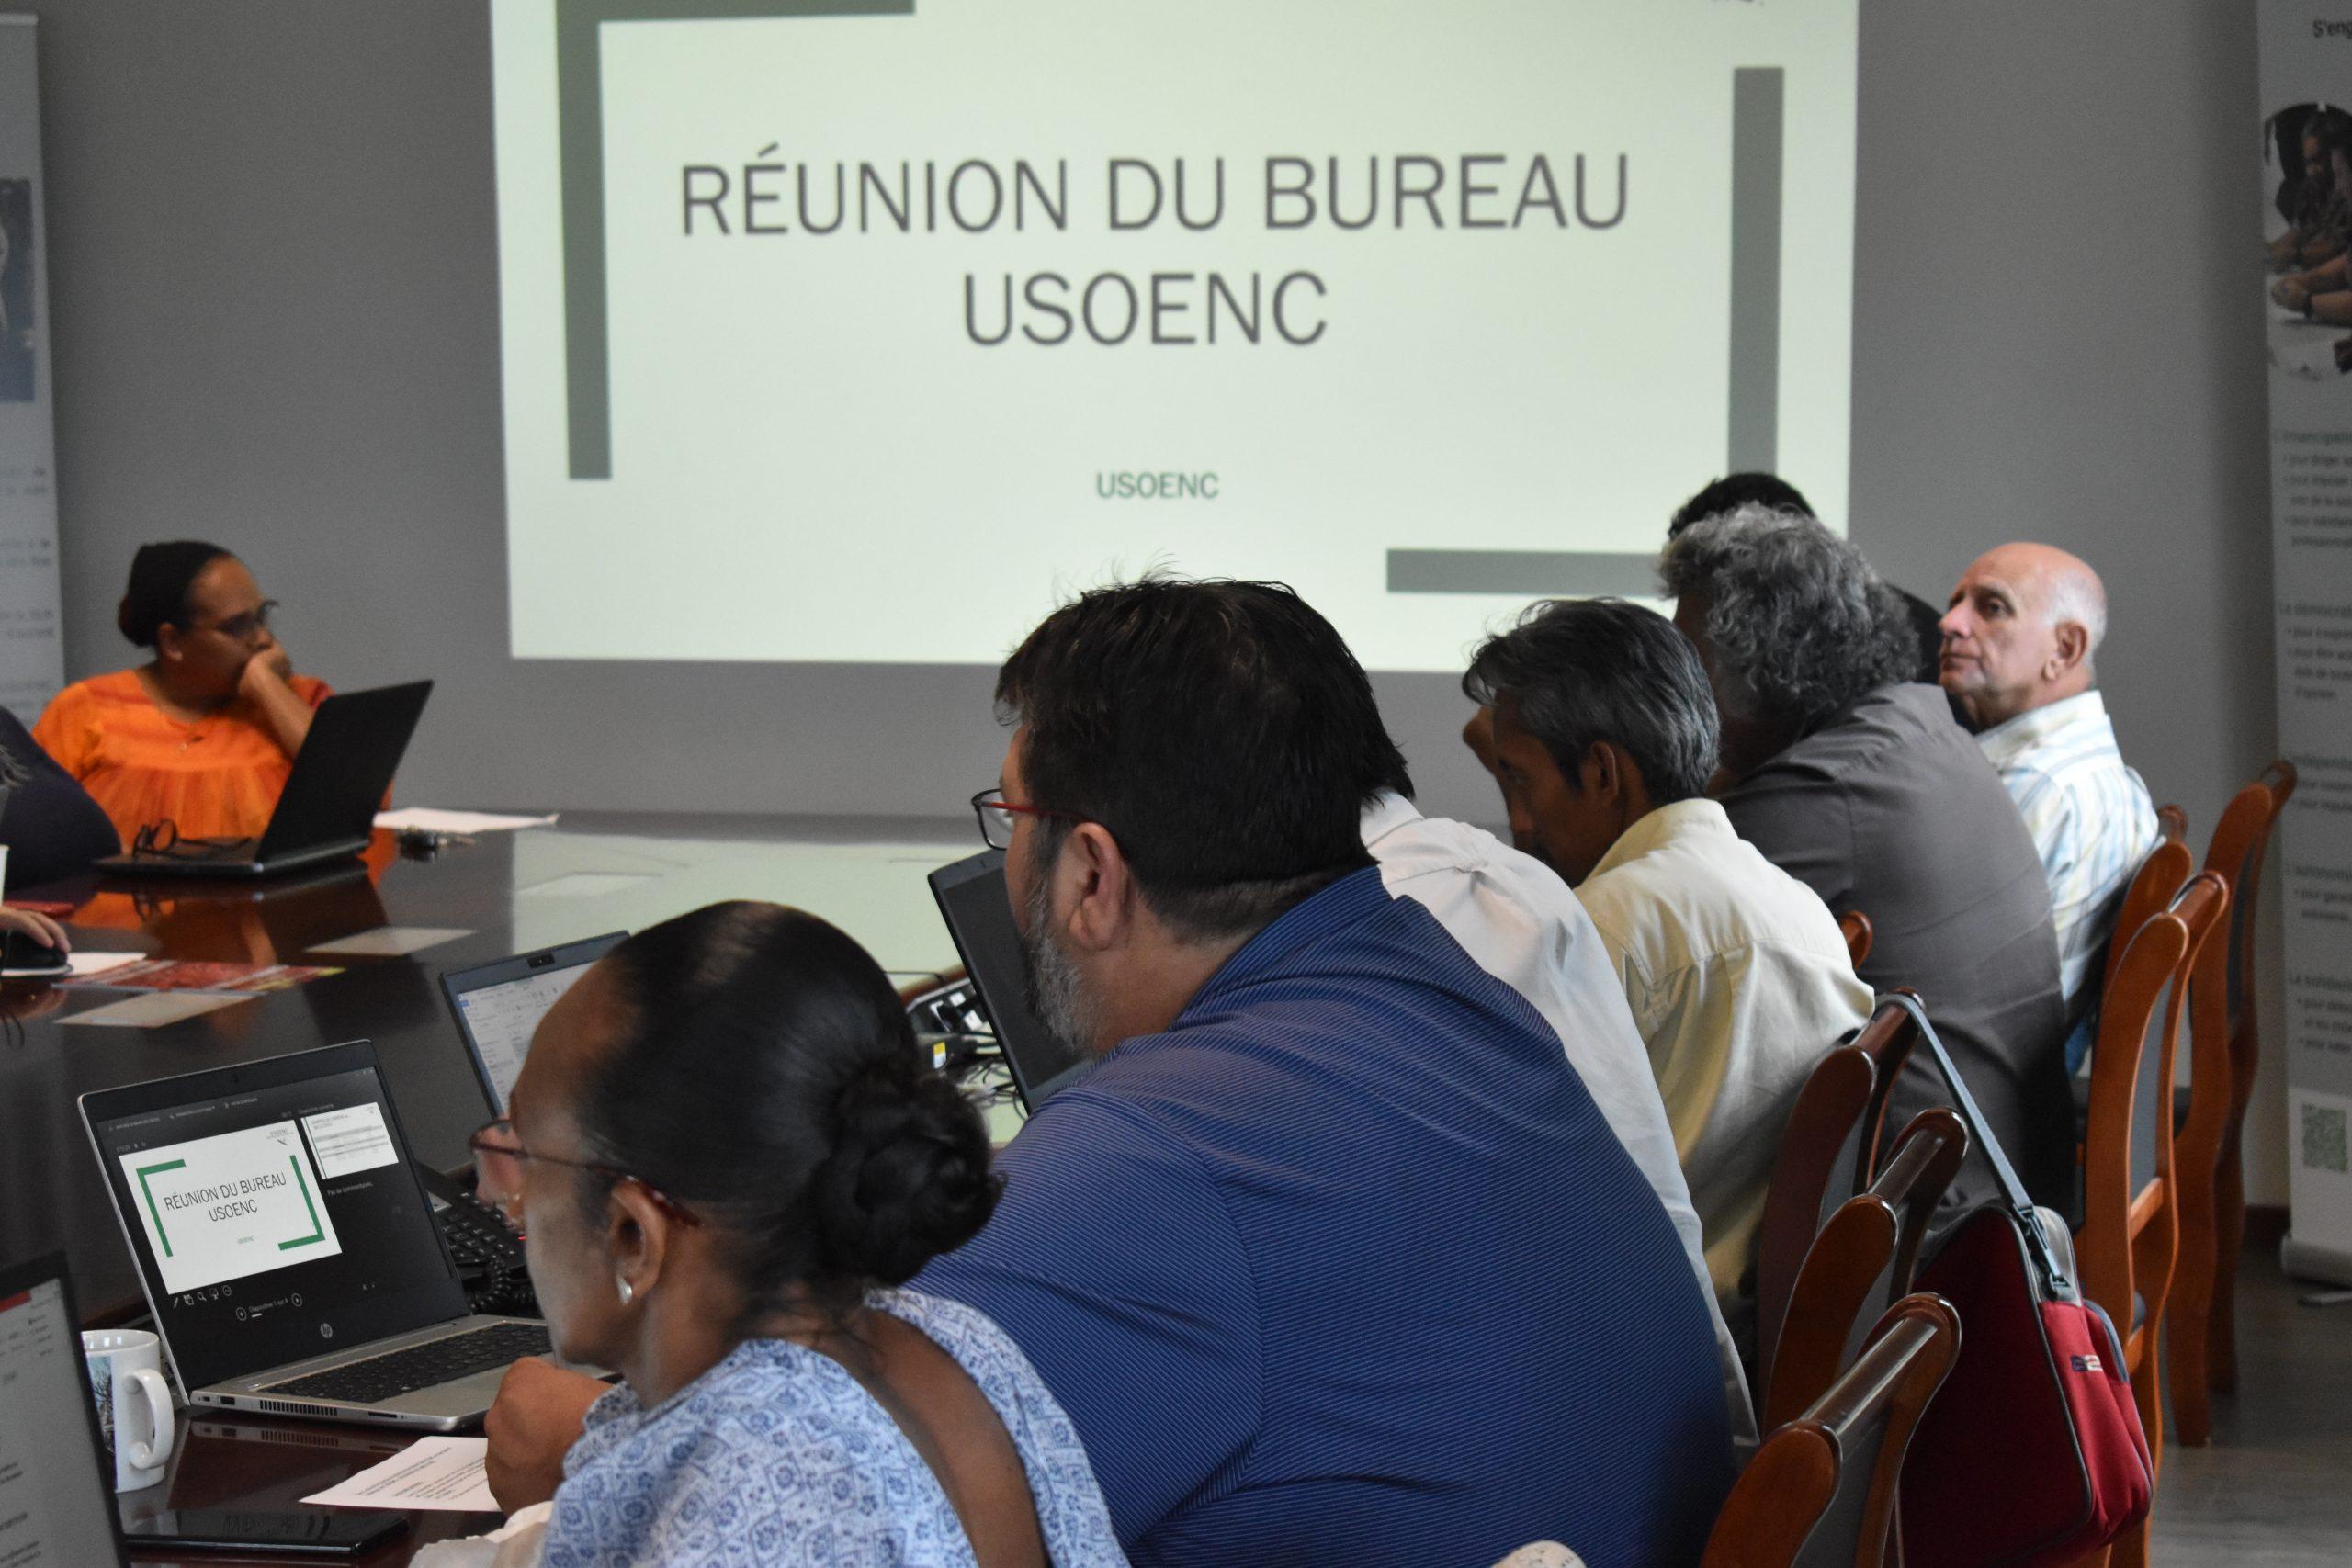 L'USOENC a tenu sa dernière réunion de bureau le vendredi 18 décembre 2020